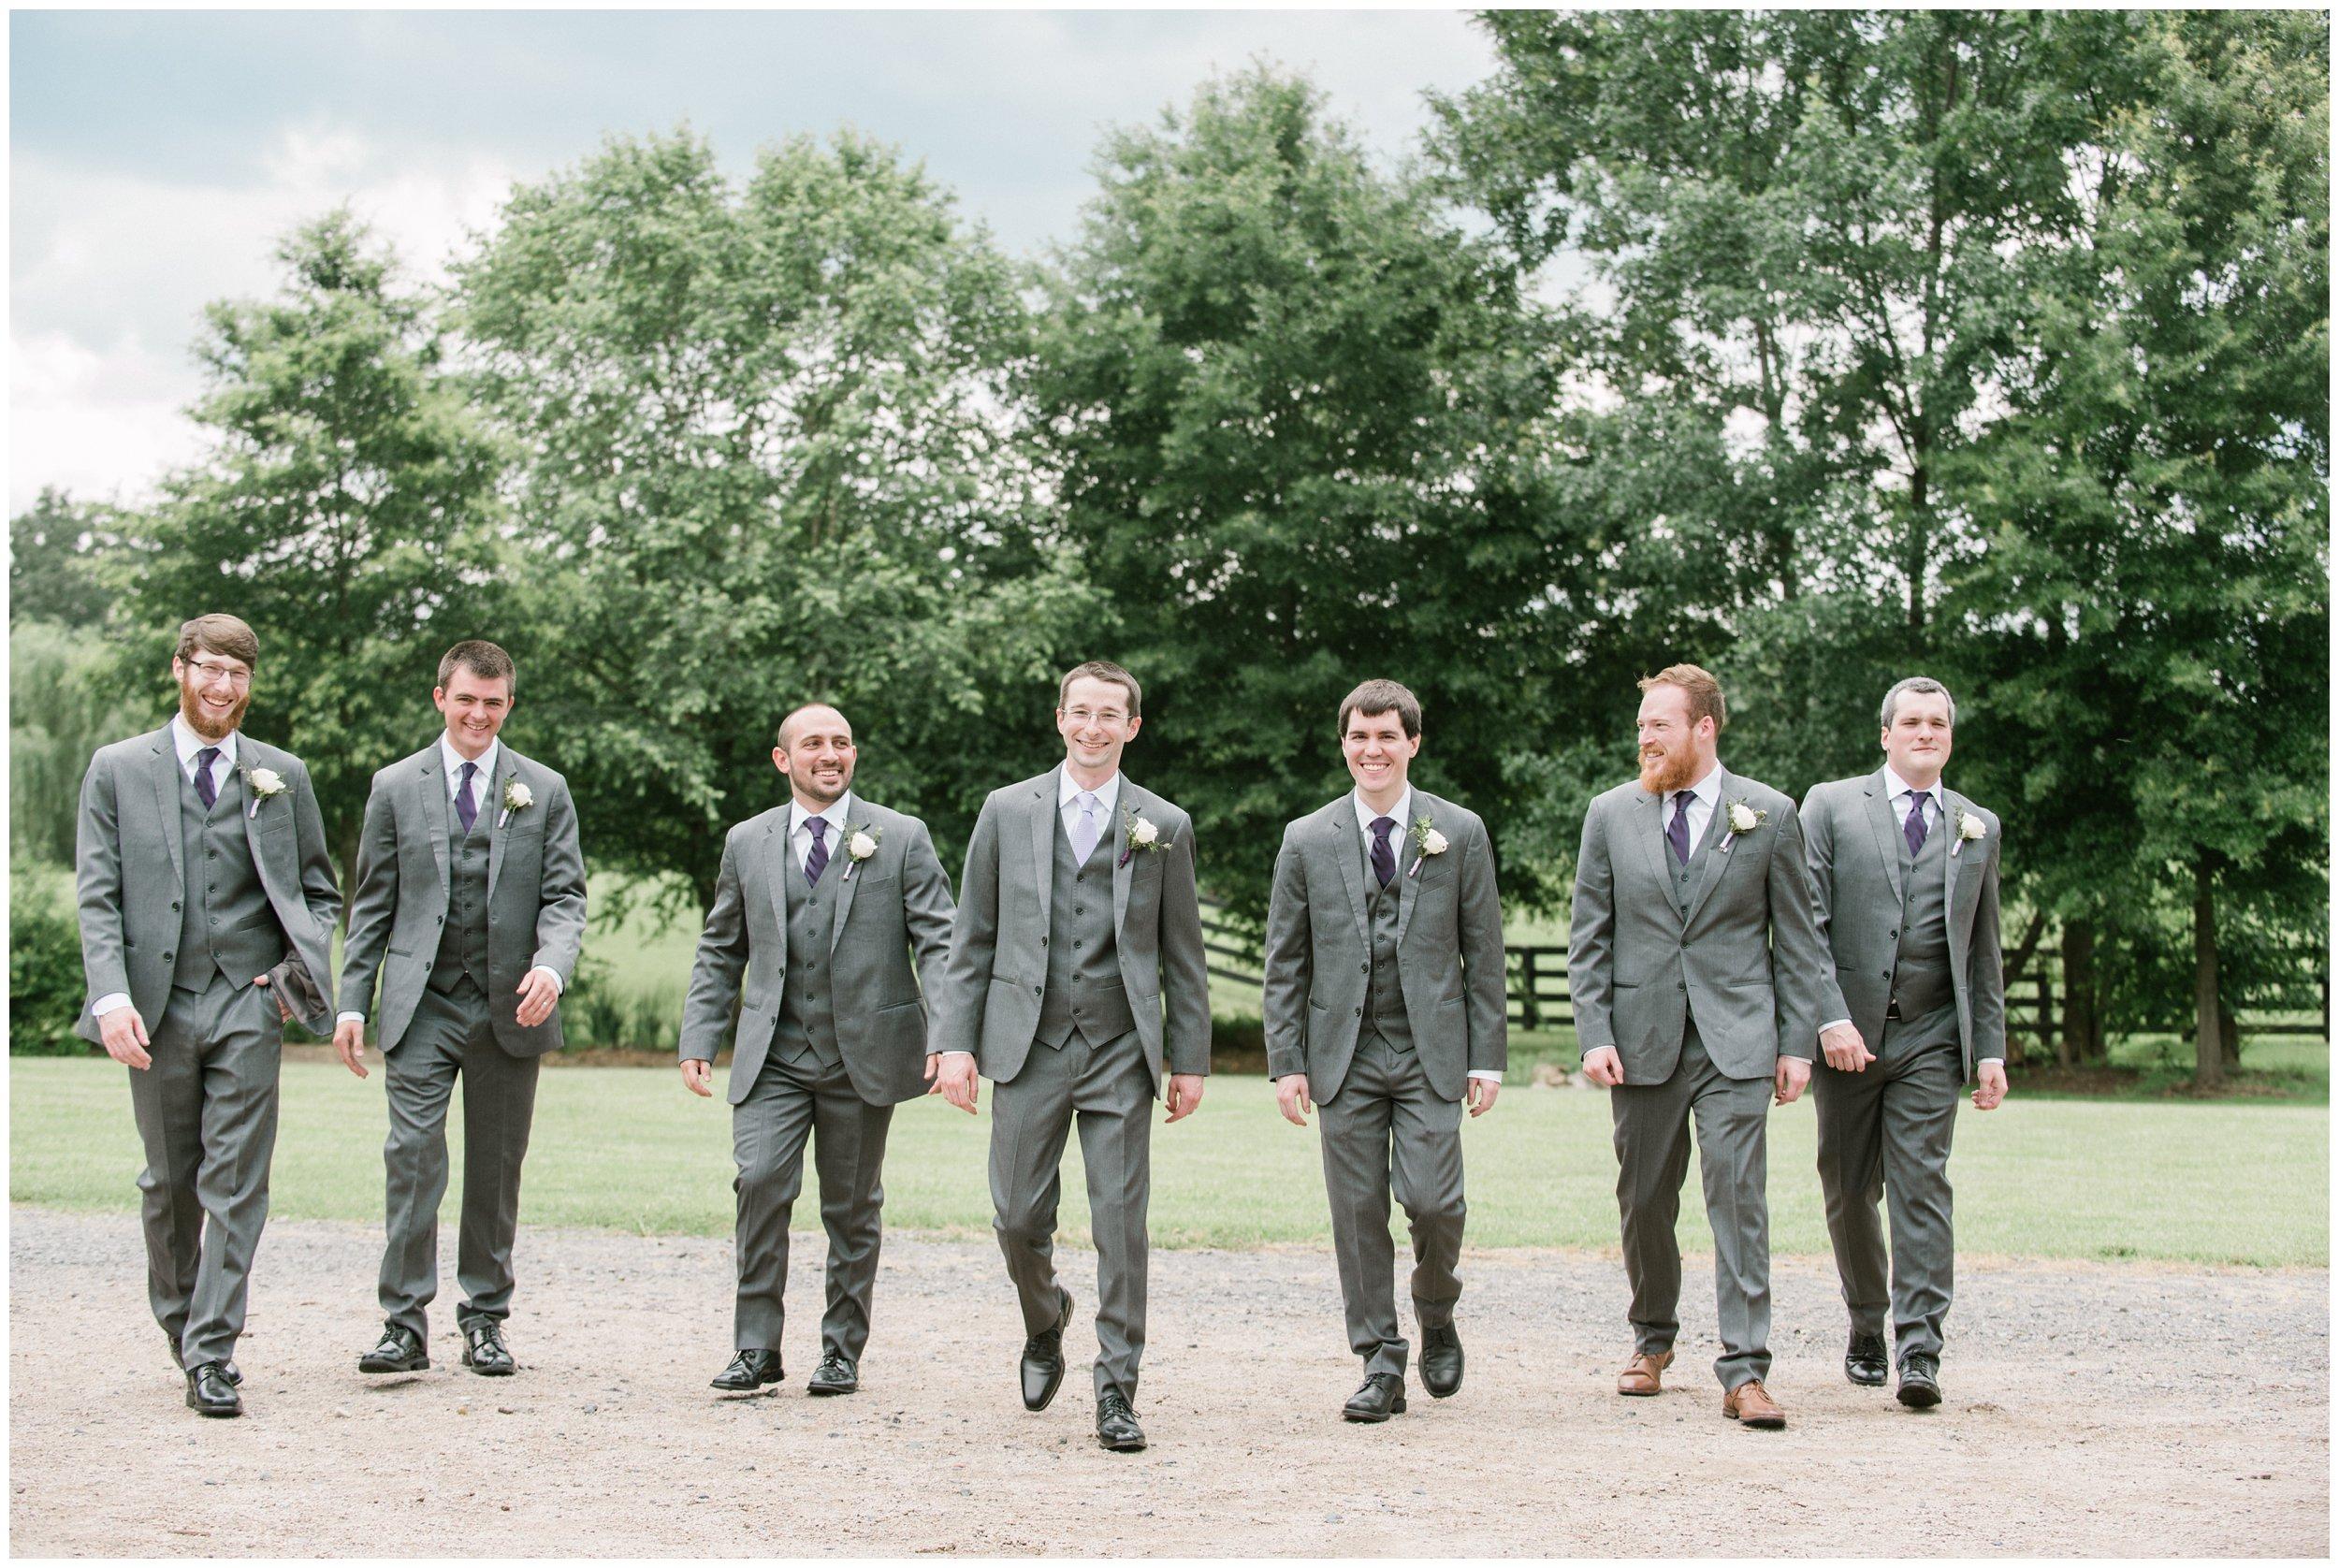 groom with groomsmen informal portraits